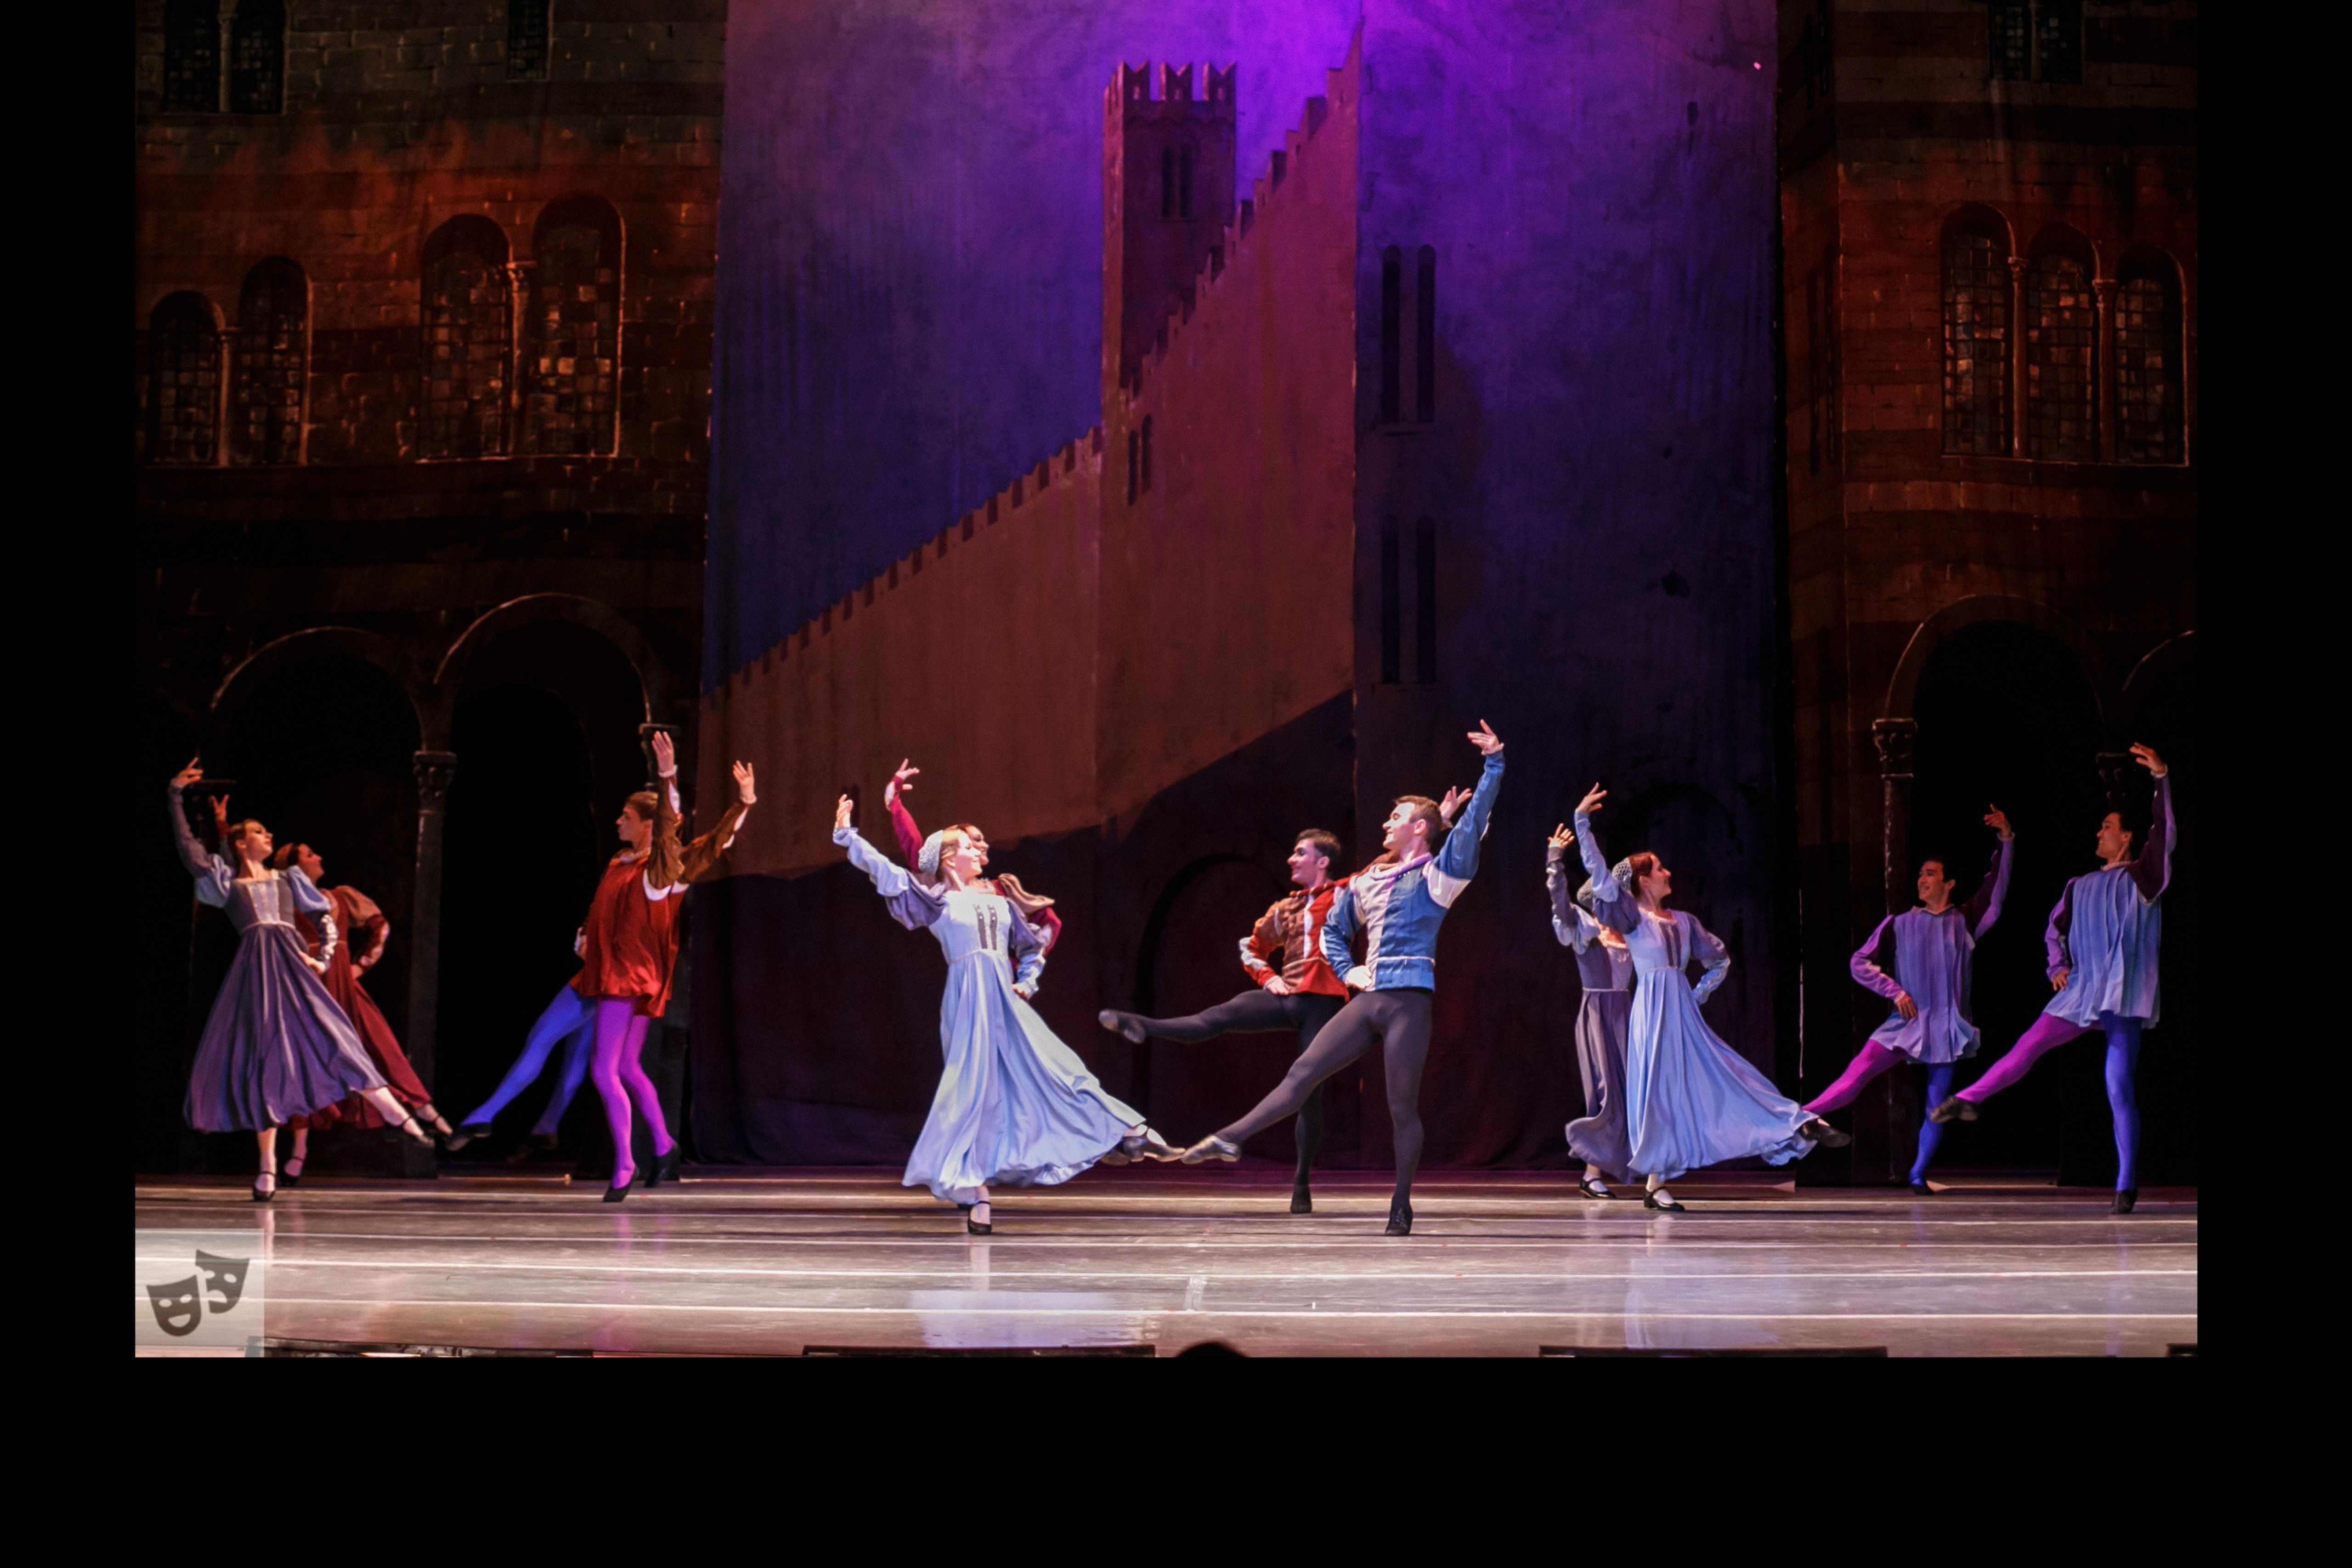 может прокофьев балет ромео и джульетта картинки мадонны впервые